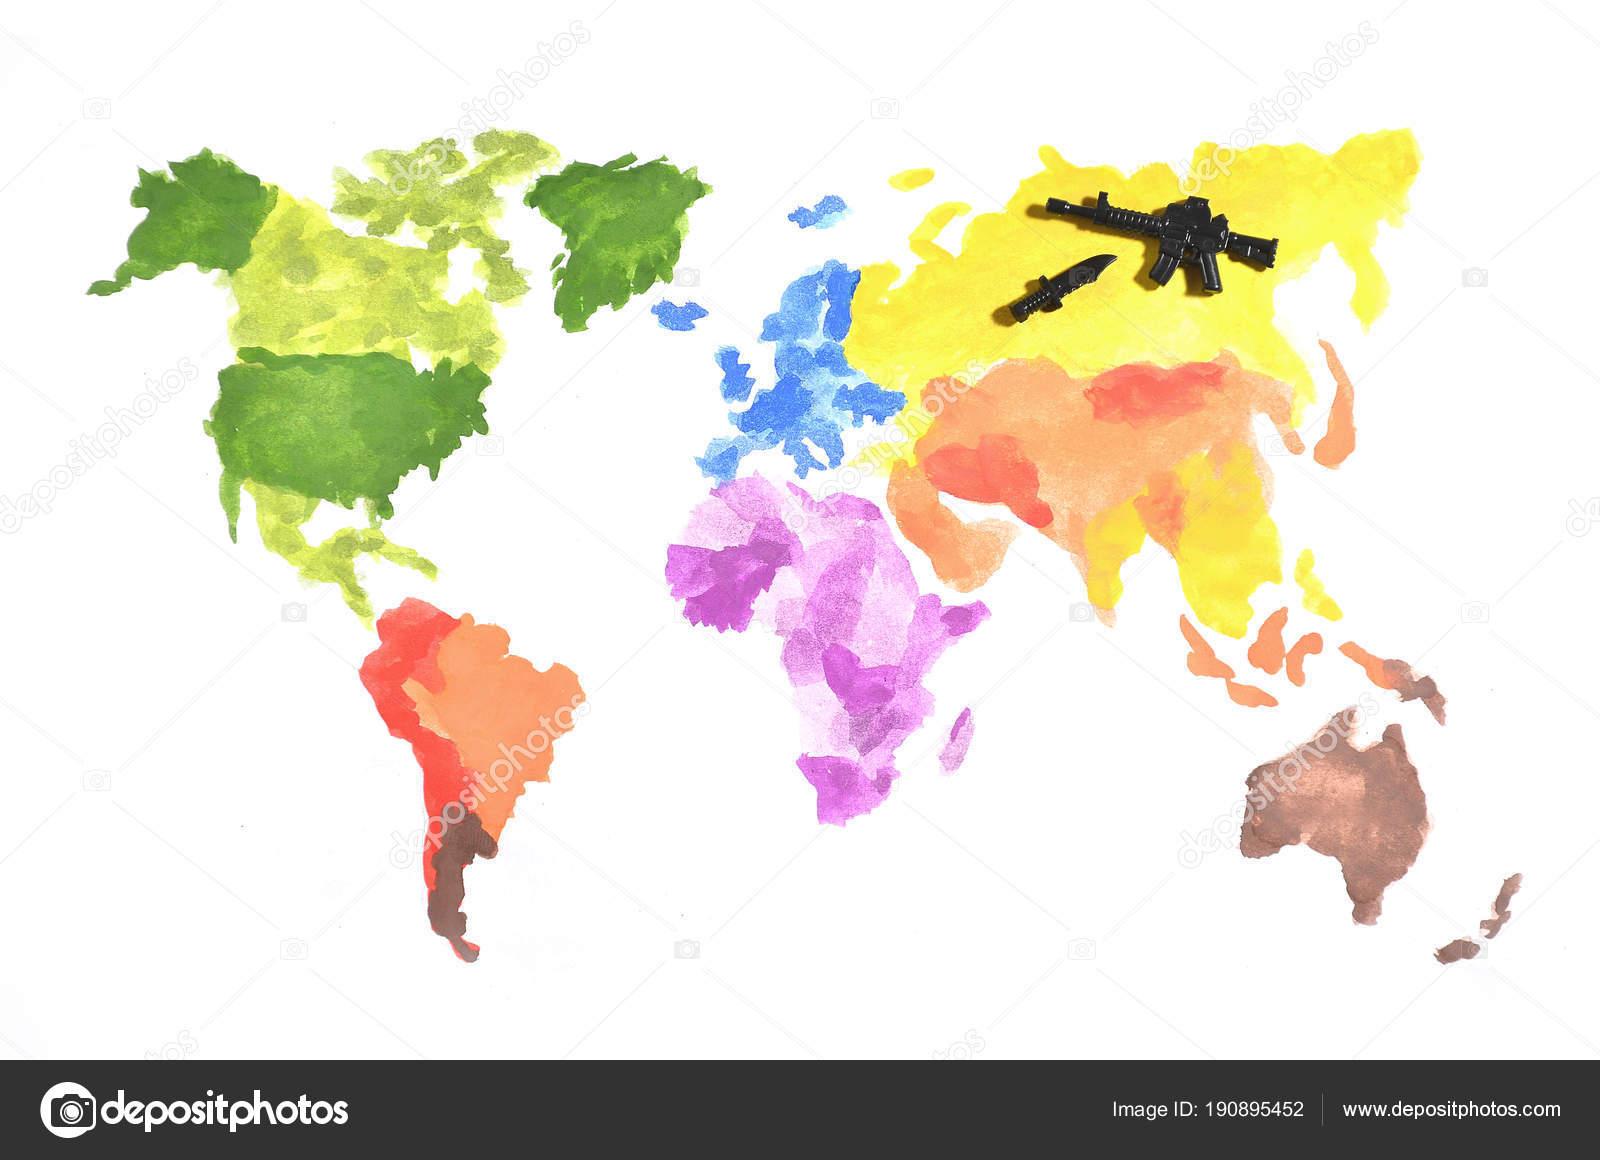 Dünya Haritası üzerinde Beyaz Kağıt Bir Siyah Oyuncak